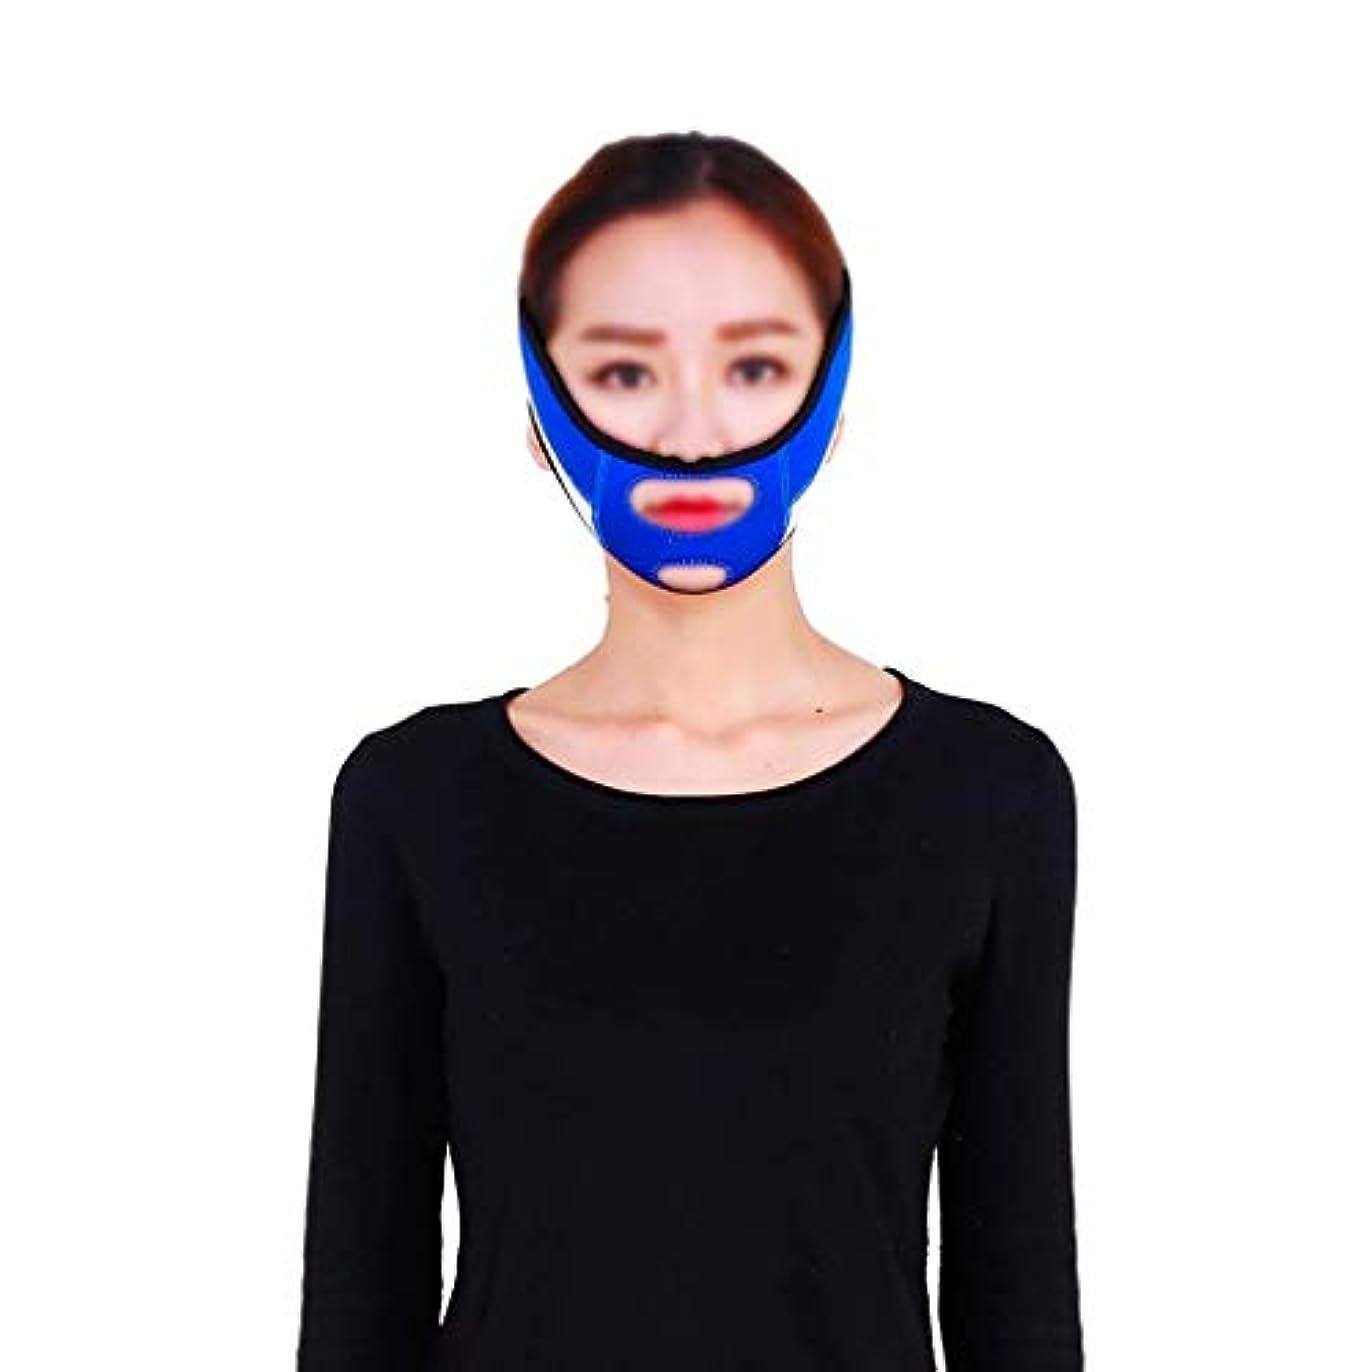 軽候補者排他的ファーミングフェイスマスク、スモールVフェイスアーティファクトリフティングマスク、口を調整して垂れ下がった肌を縮小滑り止め弾性ストレッチ包帯